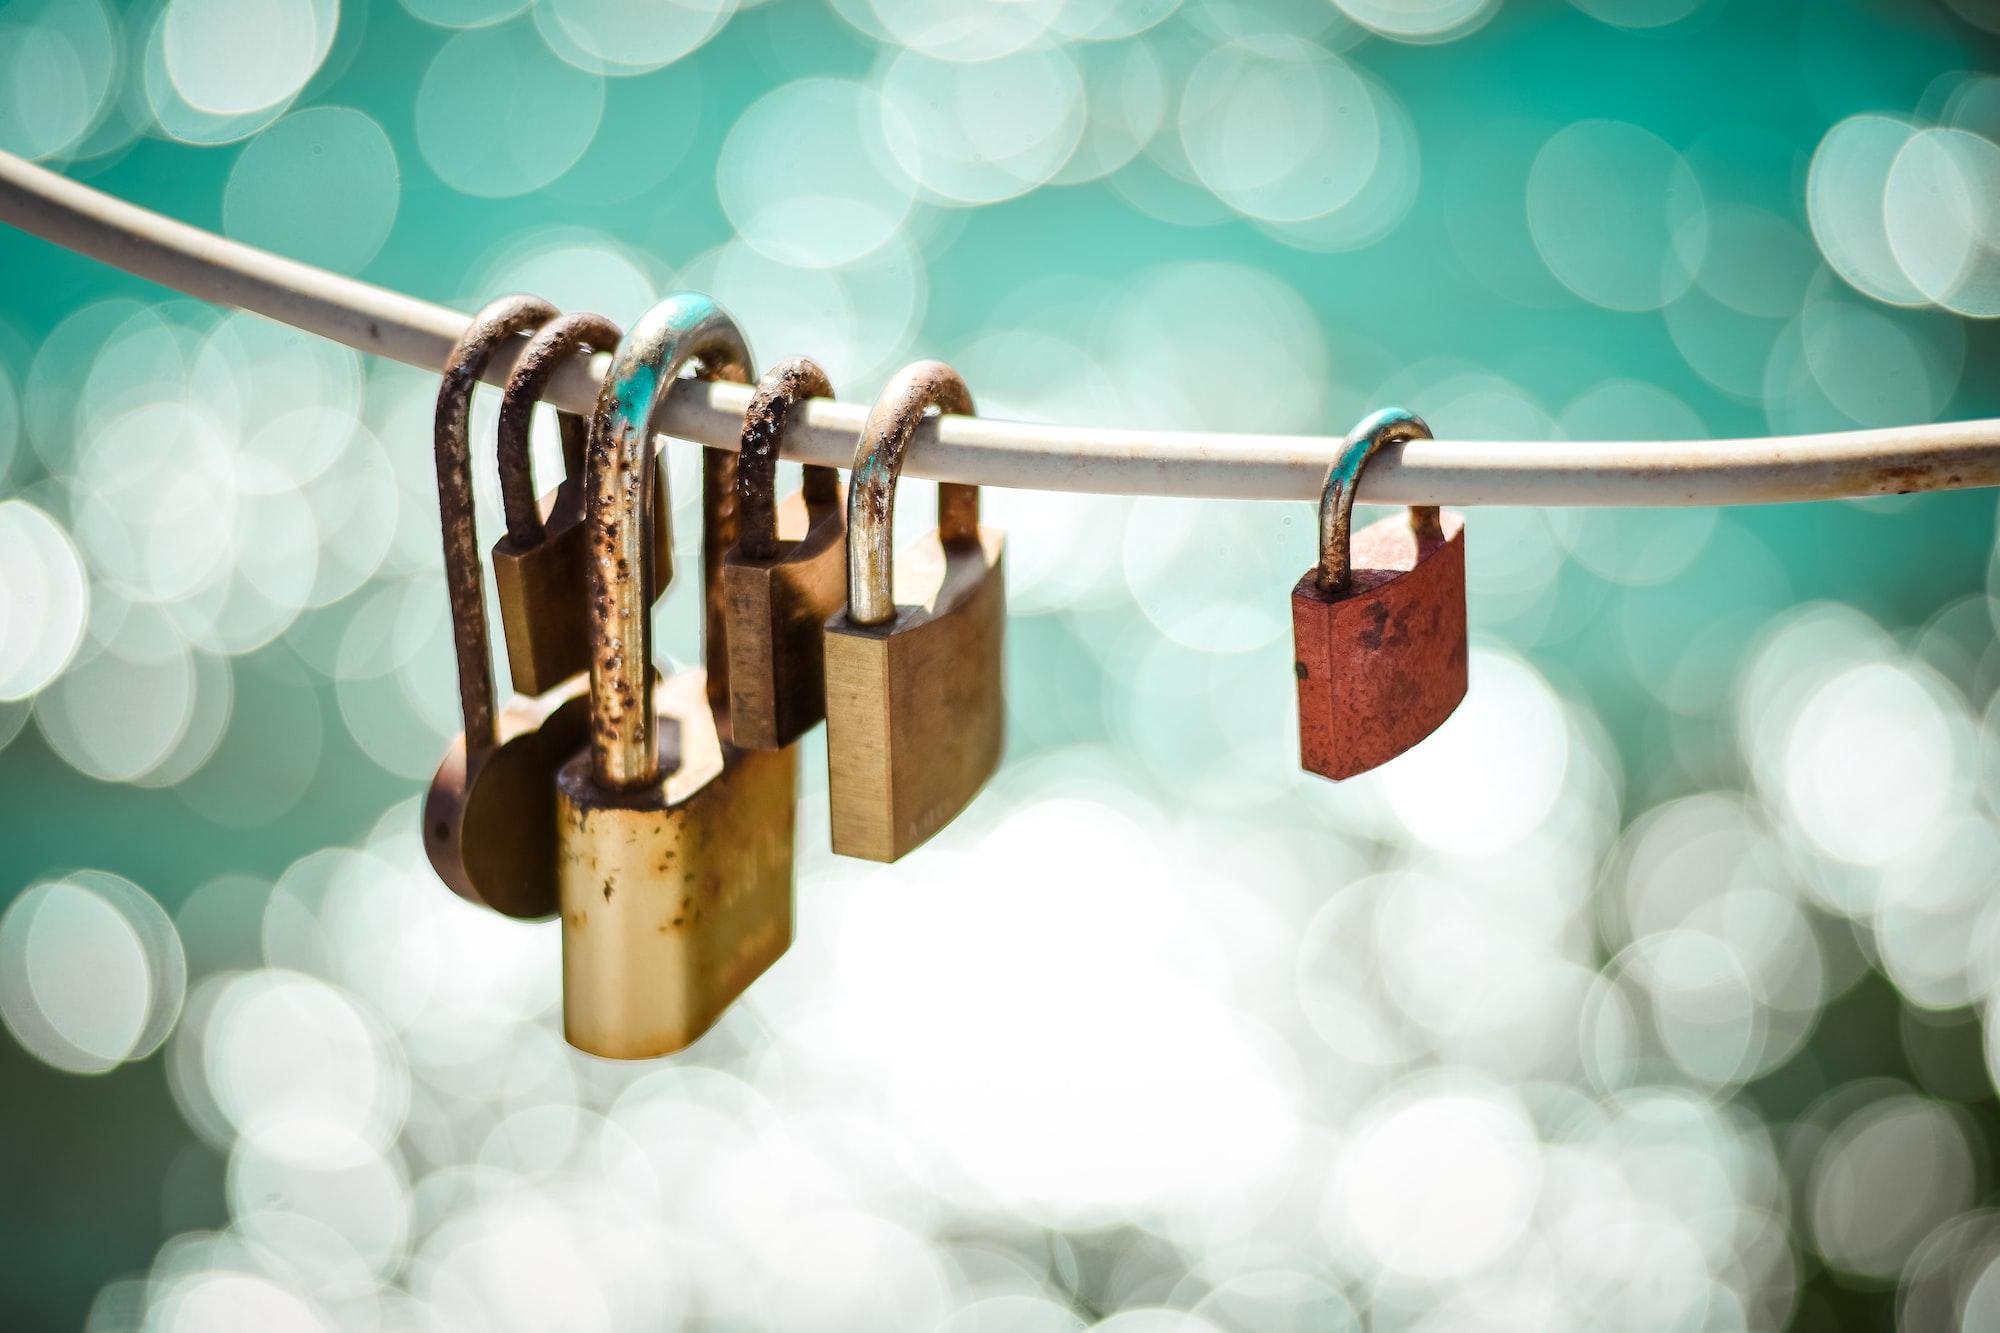 Outsourcing is broken part 4: Vendor Lock-in